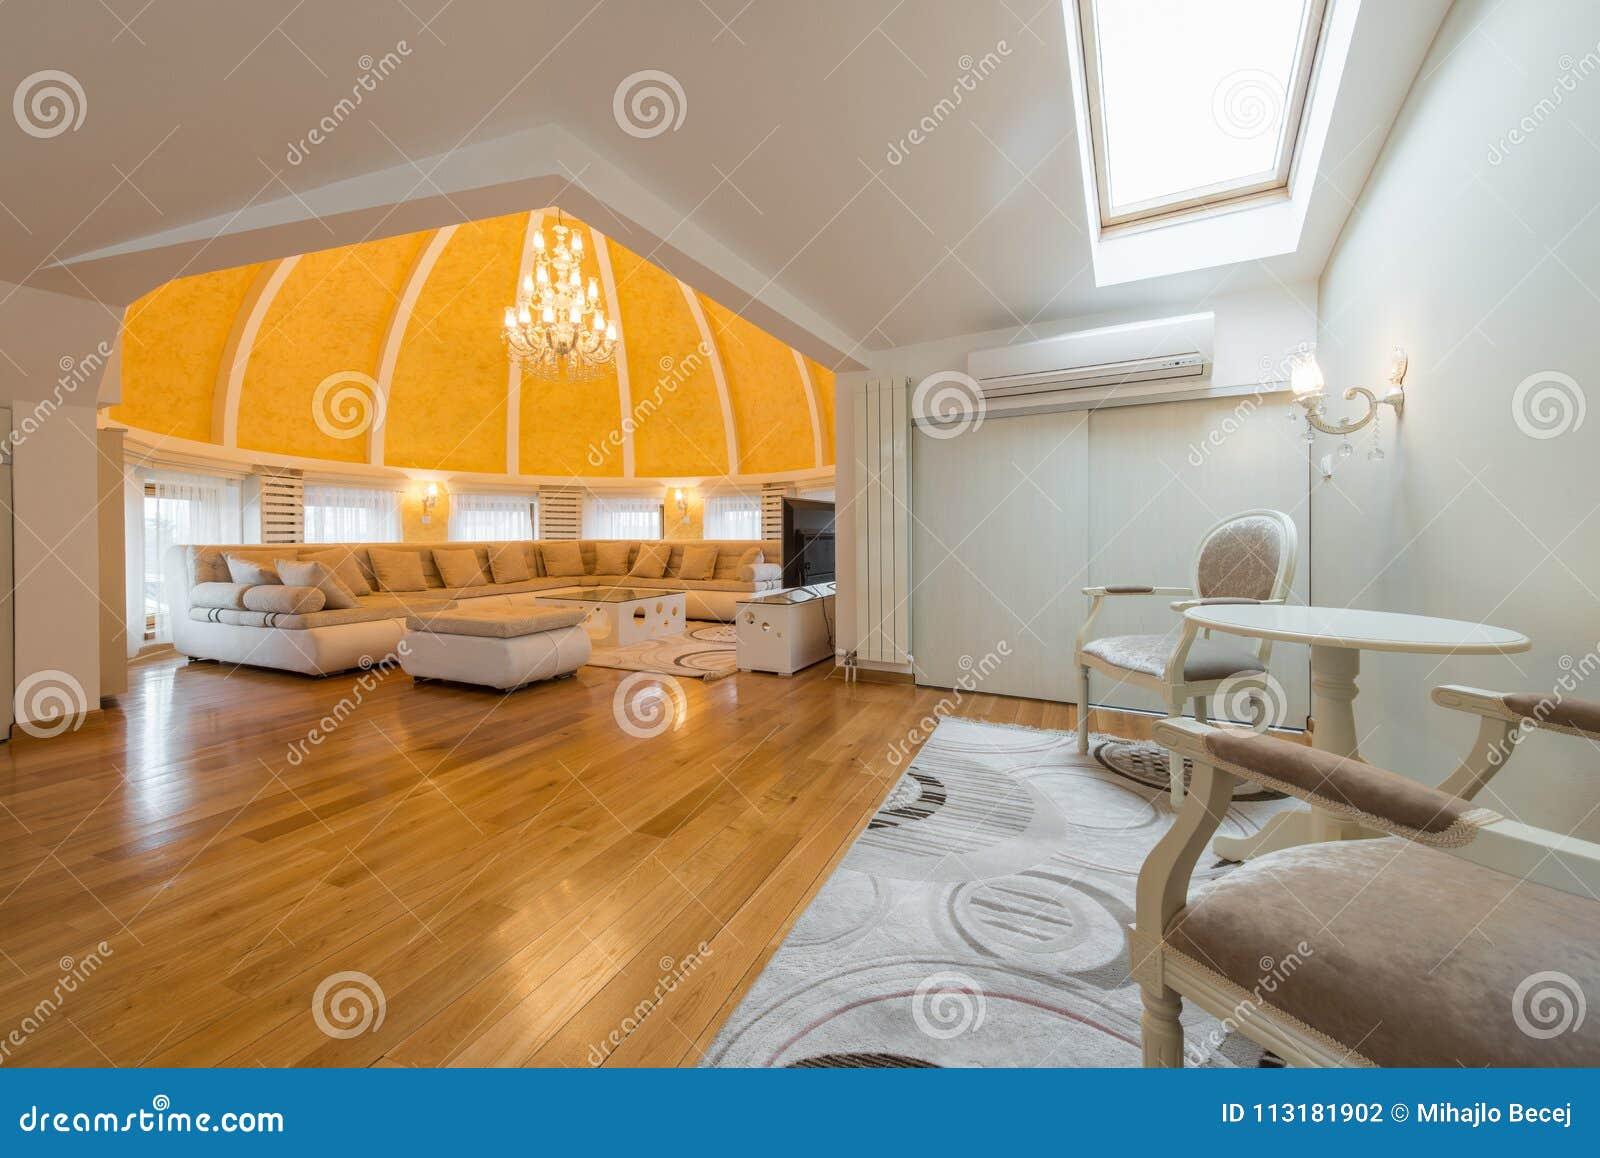 Interni Villa Di Lusso : Interno di una villa di lusso dell appartamento della cupola